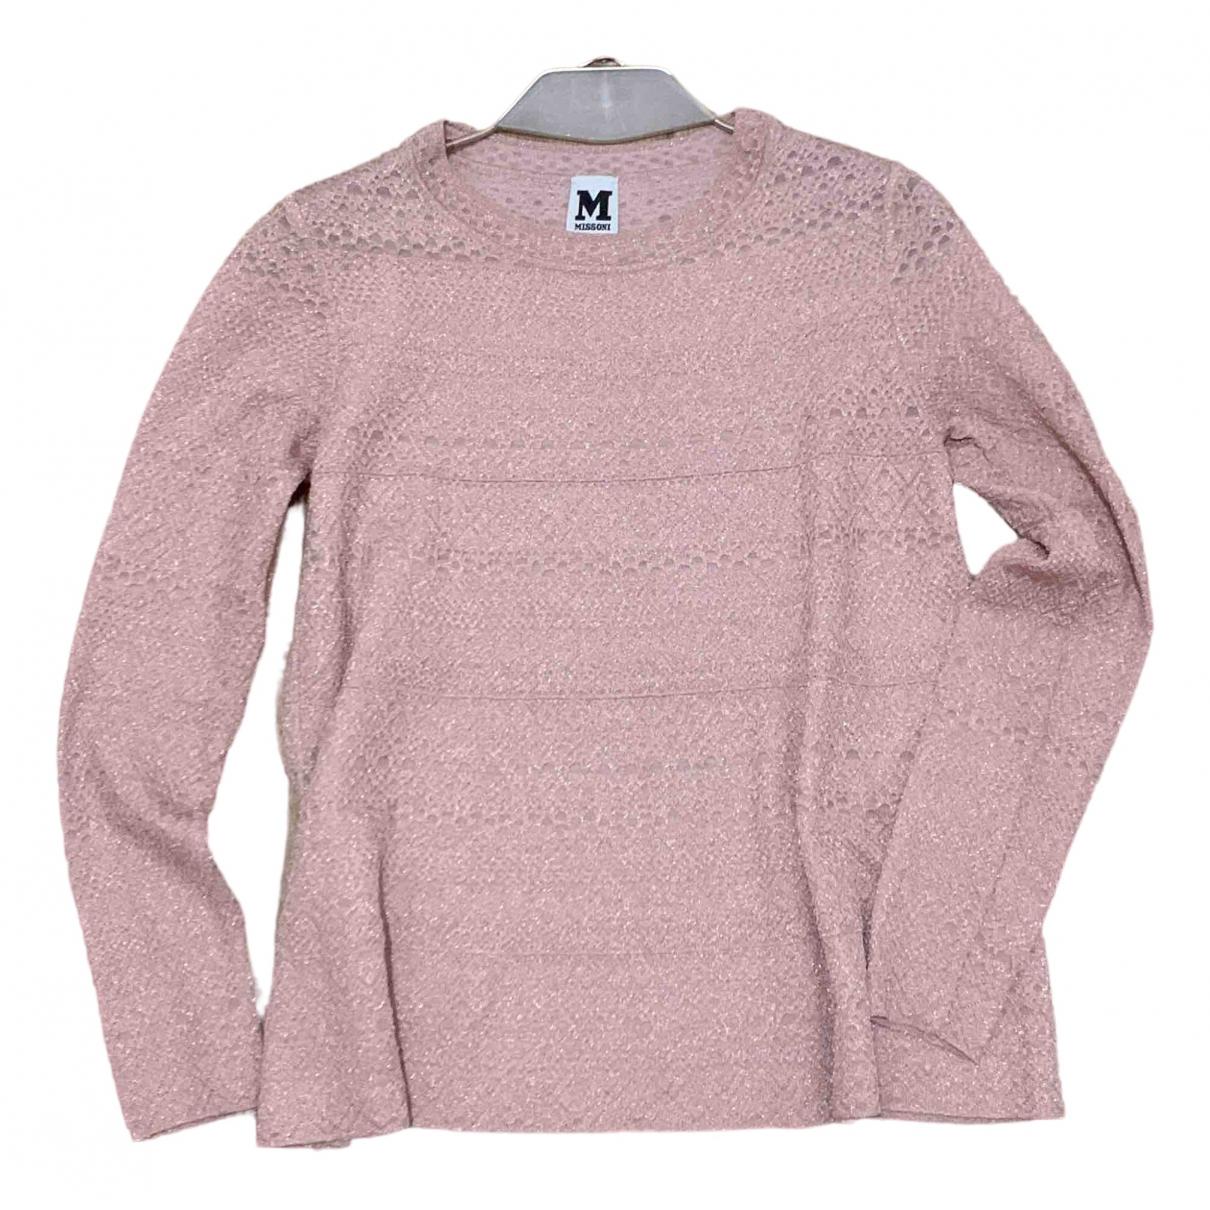 M Missoni - Top   pour femme en a paillettes - rose